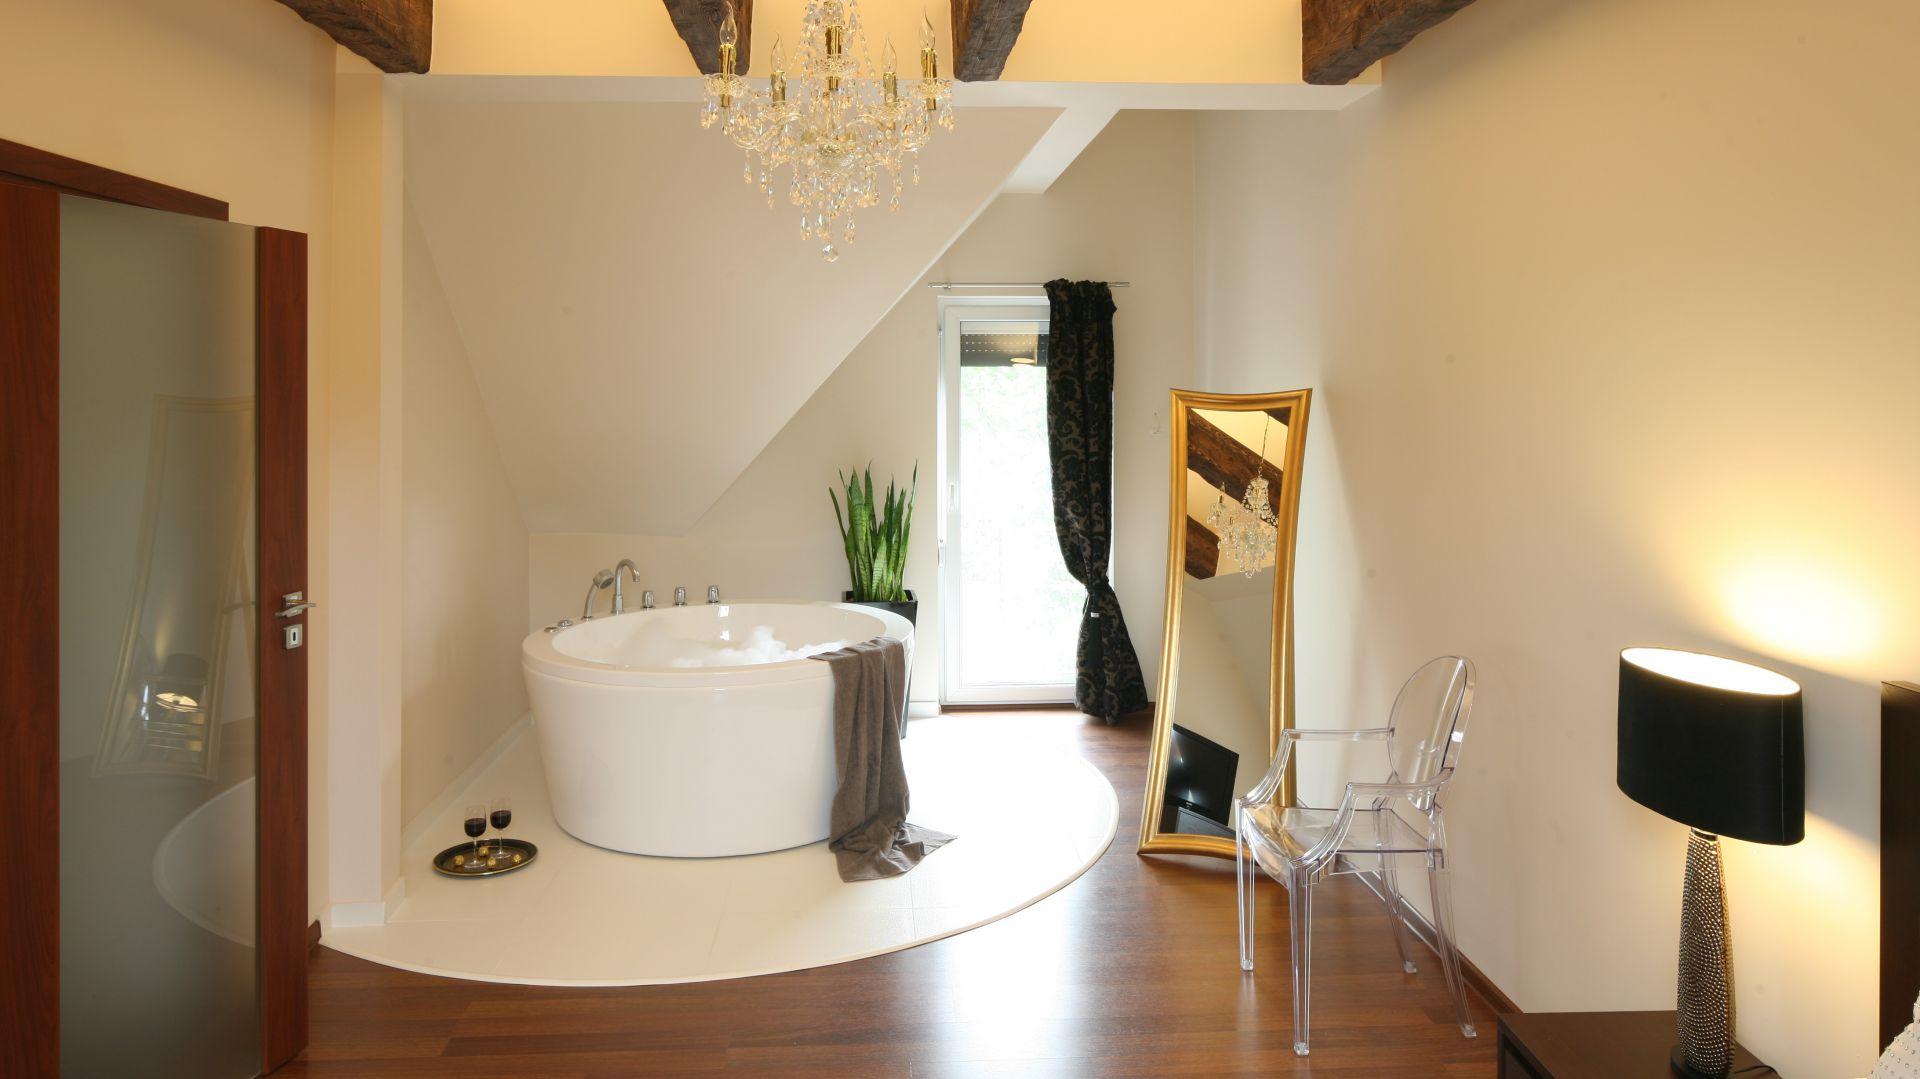 Strefa kąpielowa została częściowo przeniesiona do sypialni. Umieszczona w rogu wanna prezentuje się efektownie, a pozostałe elementy wystroju – lustro w złotej ramie, kryształowy żyrandol – tworzą klimat wytwornego salonu kąpielowego. Fot. Bartosz Jarosz